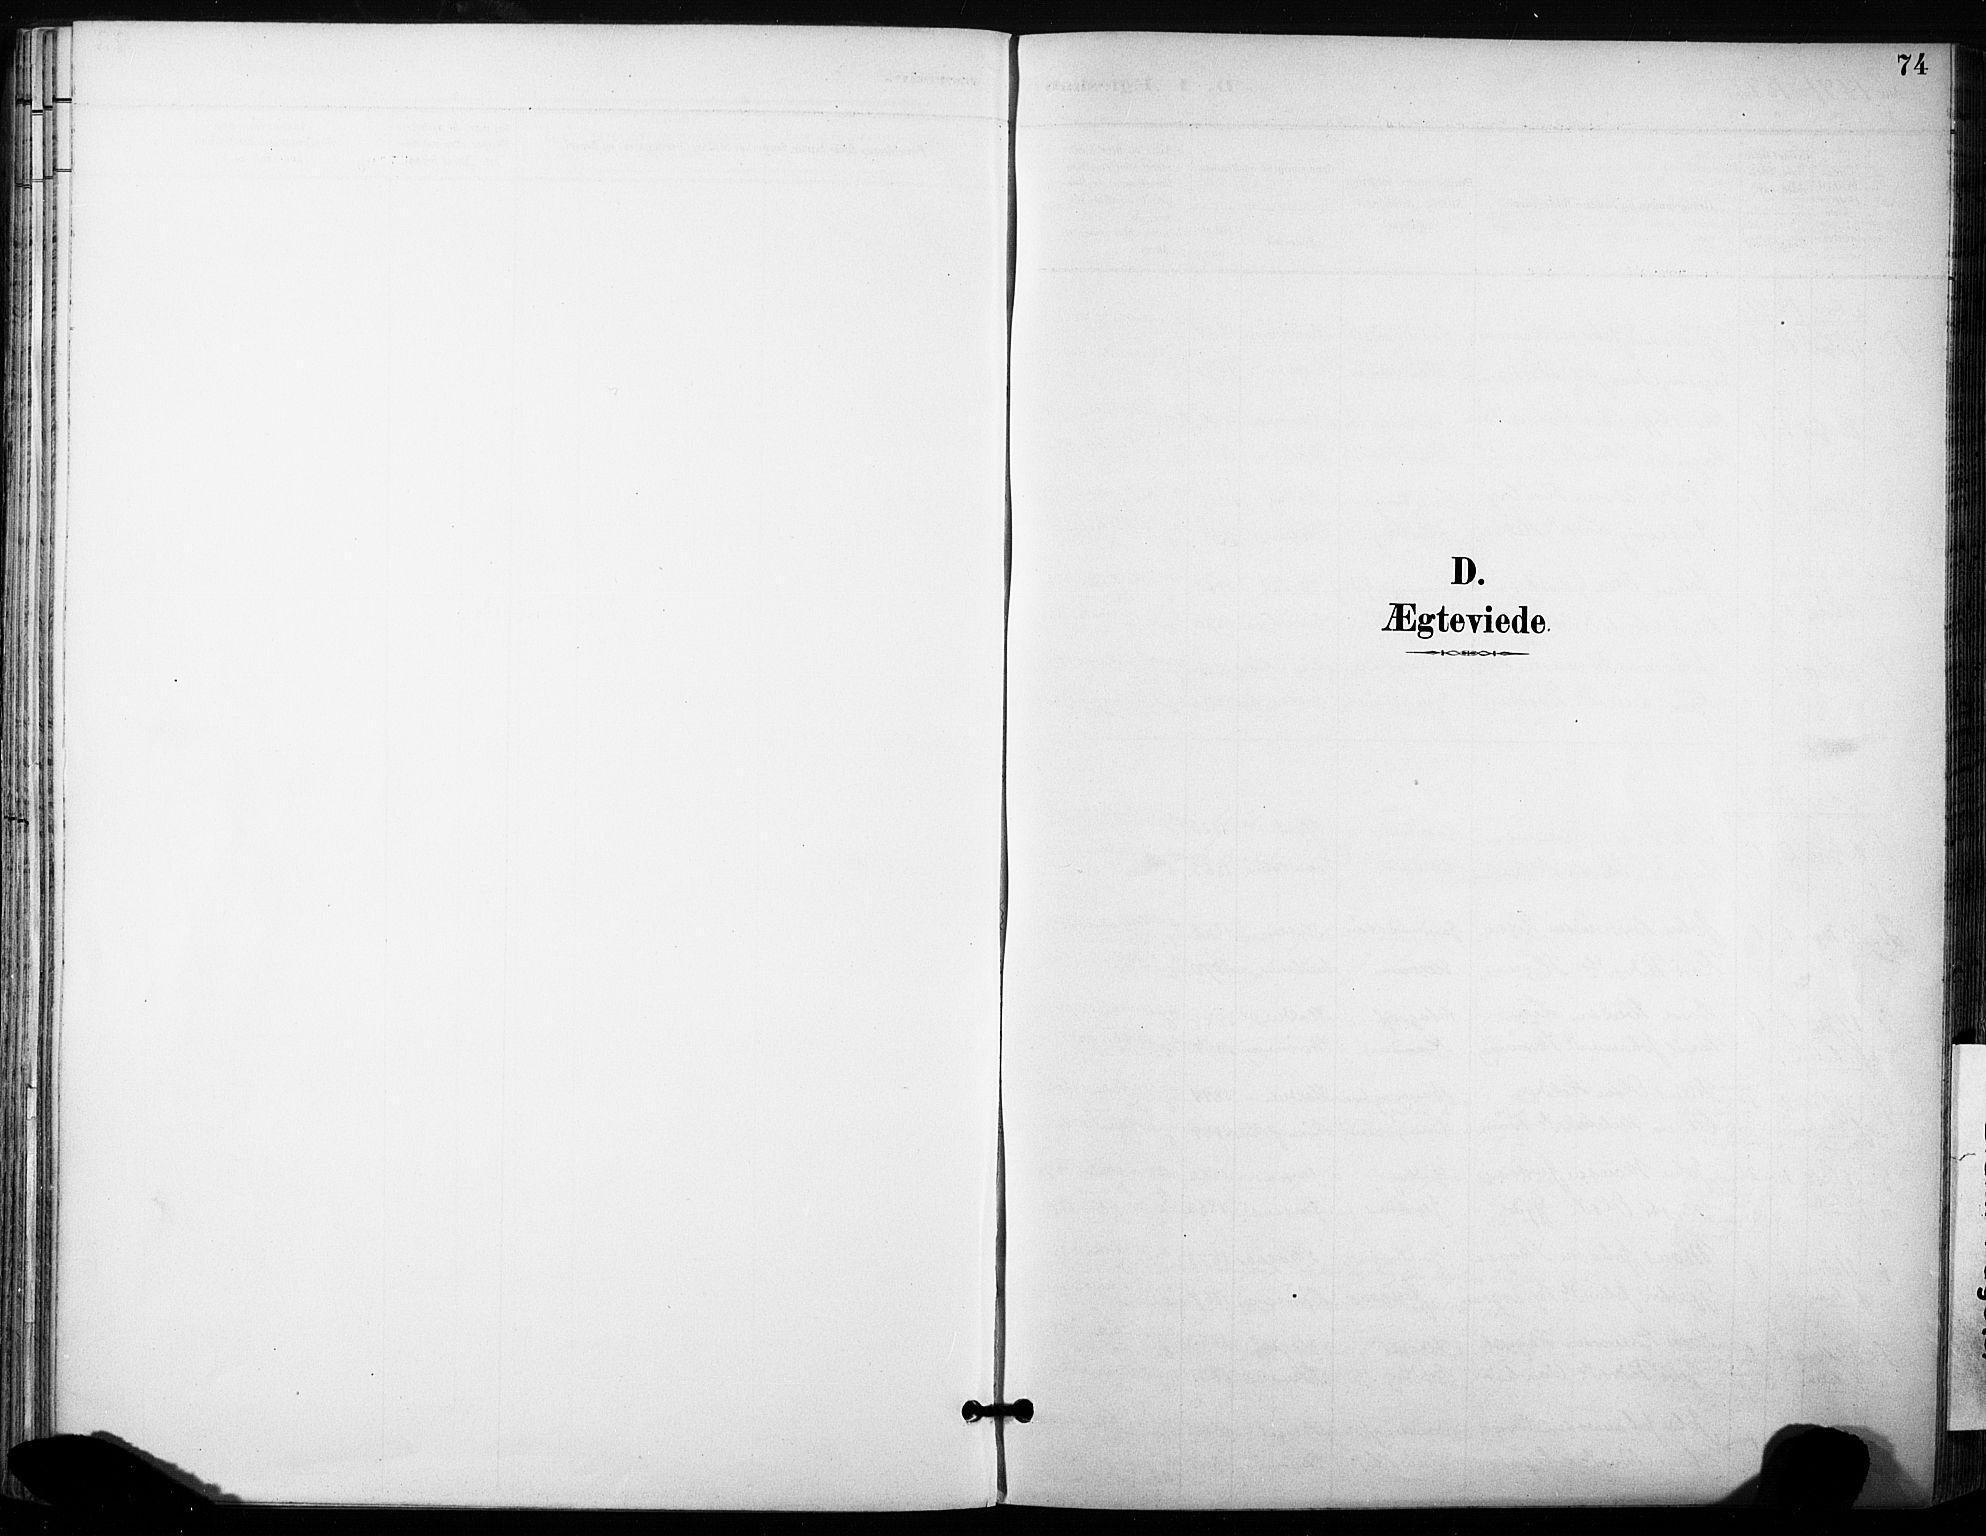 SAT, Ministerialprotokoller, klokkerbøker og fødselsregistre - Sør-Trøndelag, 685/L0973: Ministerialbok nr. 685A10, 1891-1907, s. 74